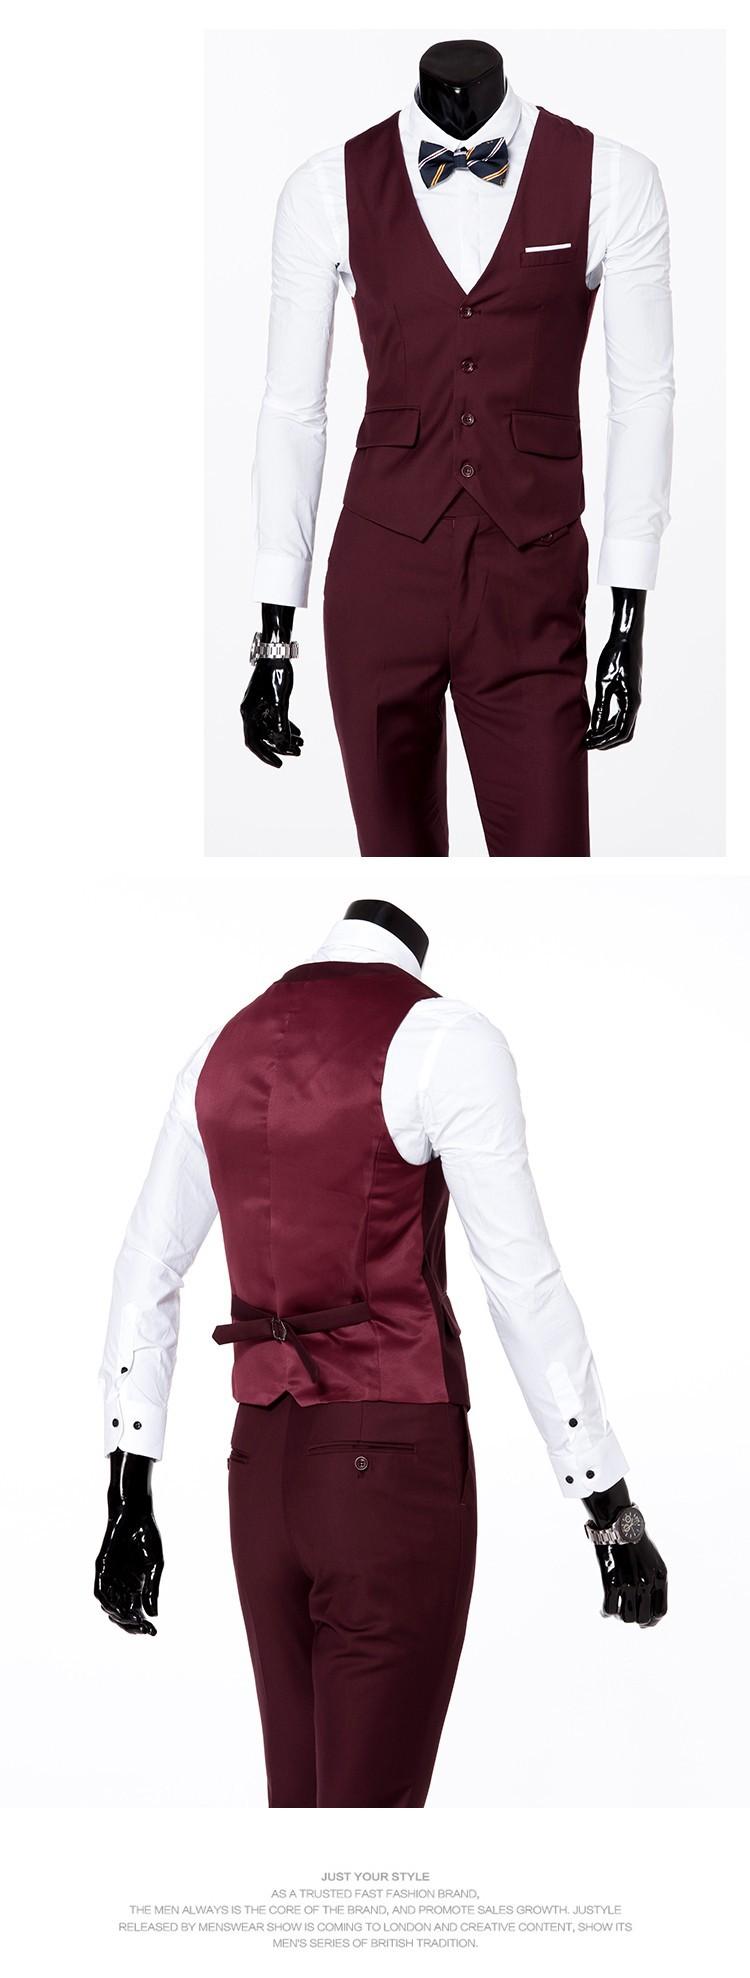 (Kurtka + kamizelka + spodnie) 2017 Nowa wiosna marka koszulka Męska slim fit Firm a trzyczęściowe Garnitury/Męskie dobrej groom dress/mężczyźni Blazers 16